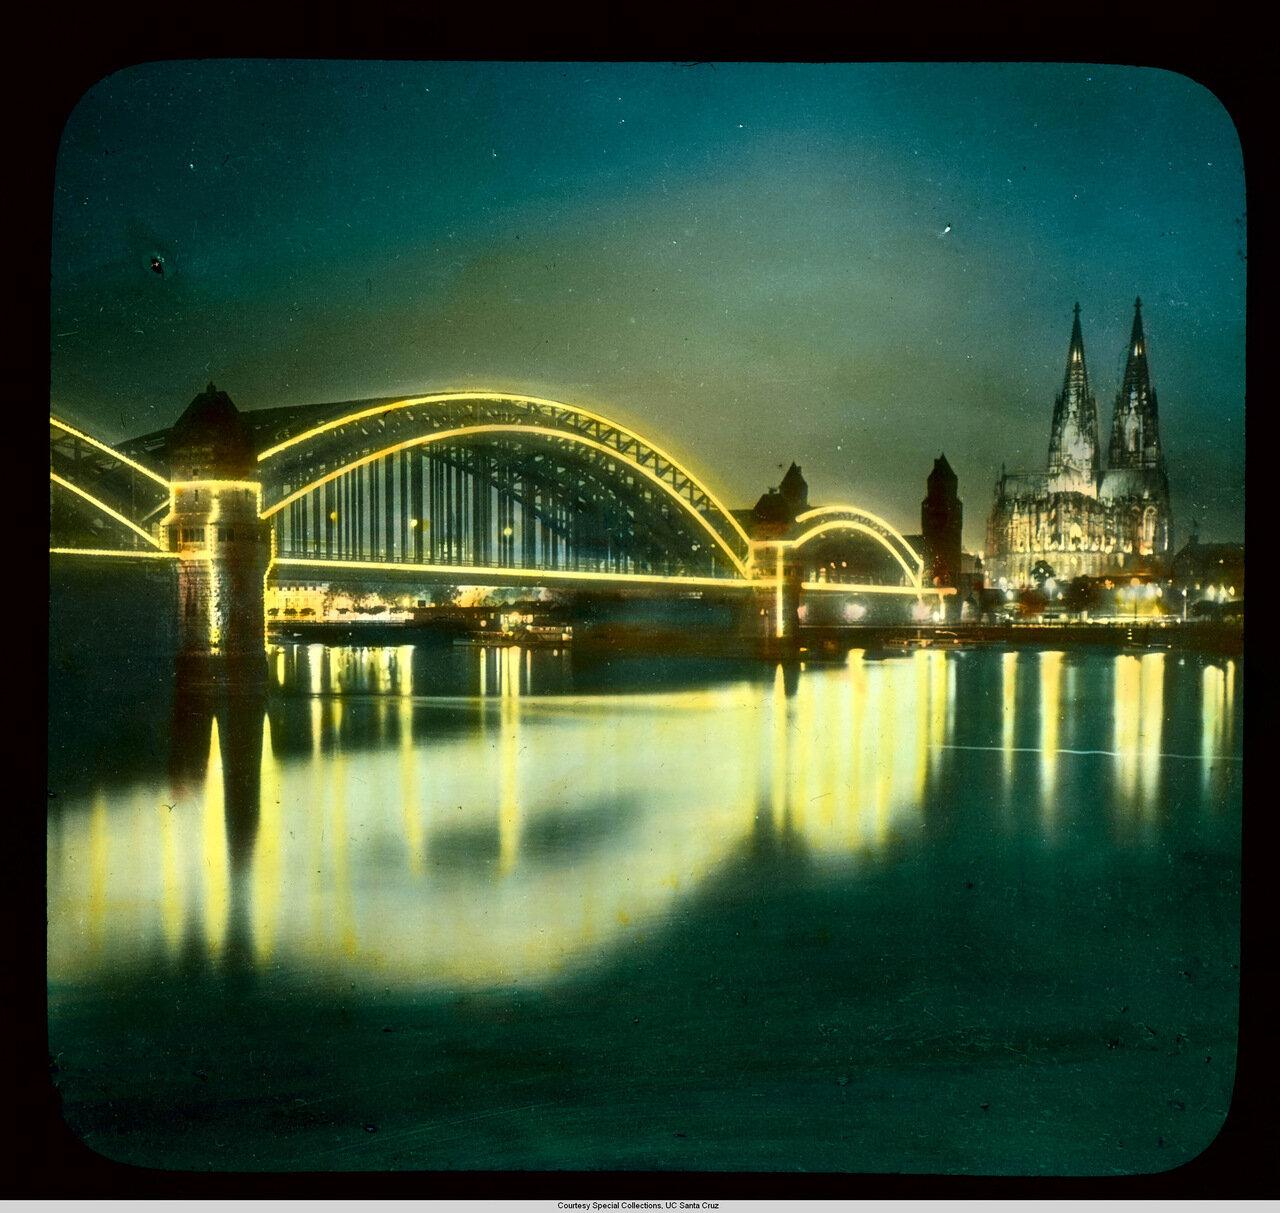 Кельн. Мост Гогенцоллернов (перестроен в 1945) ночью